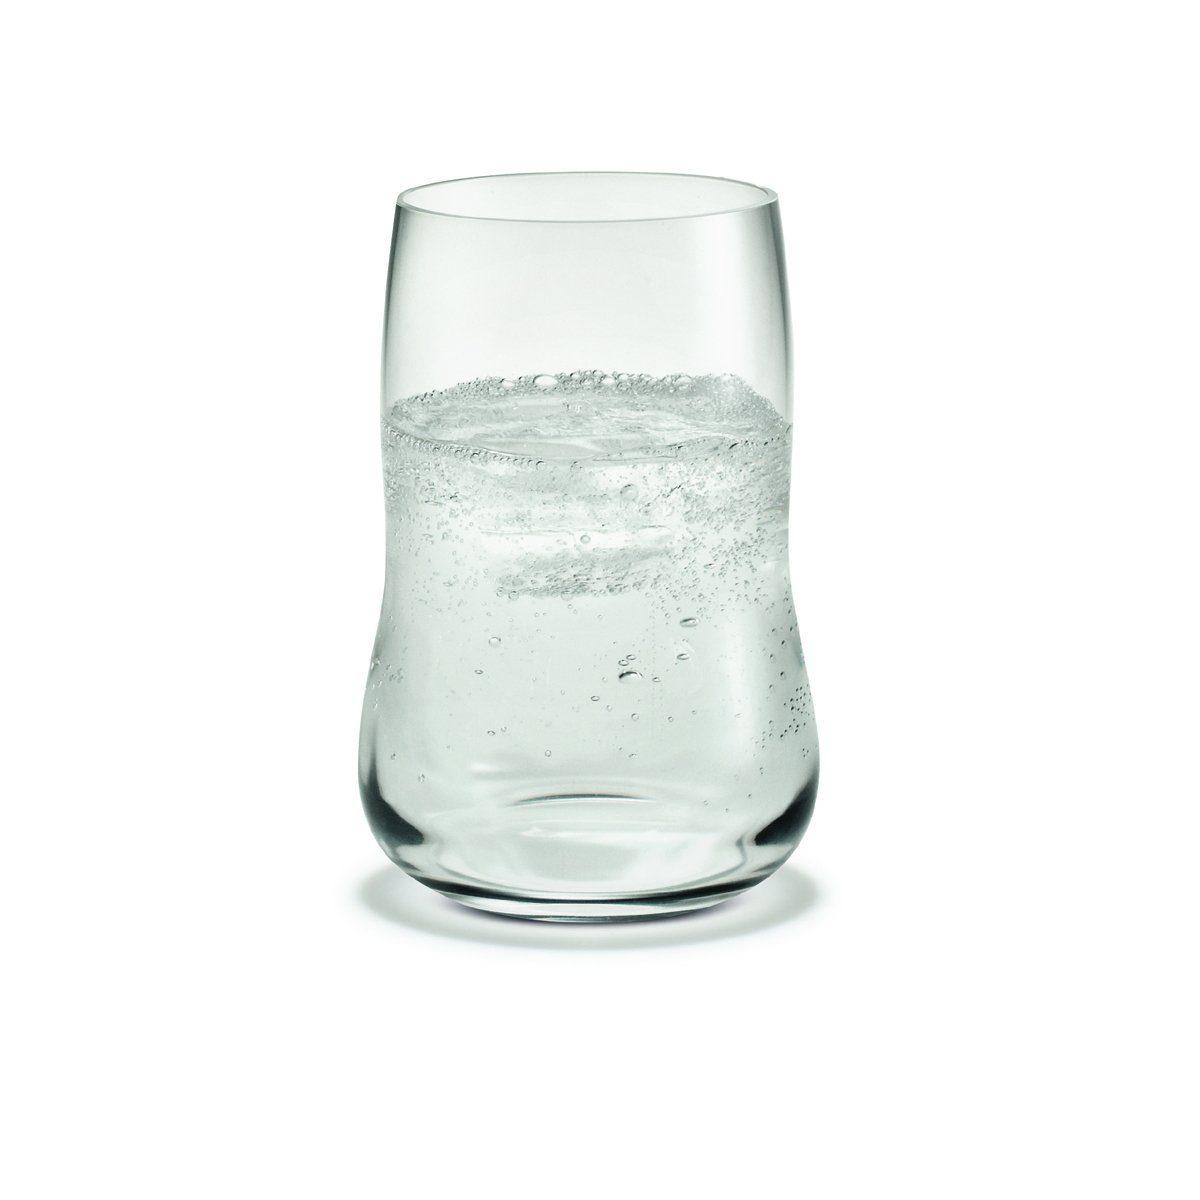 HOLMEGAARD Holmegaard Glas Future - 6er Set 25cl